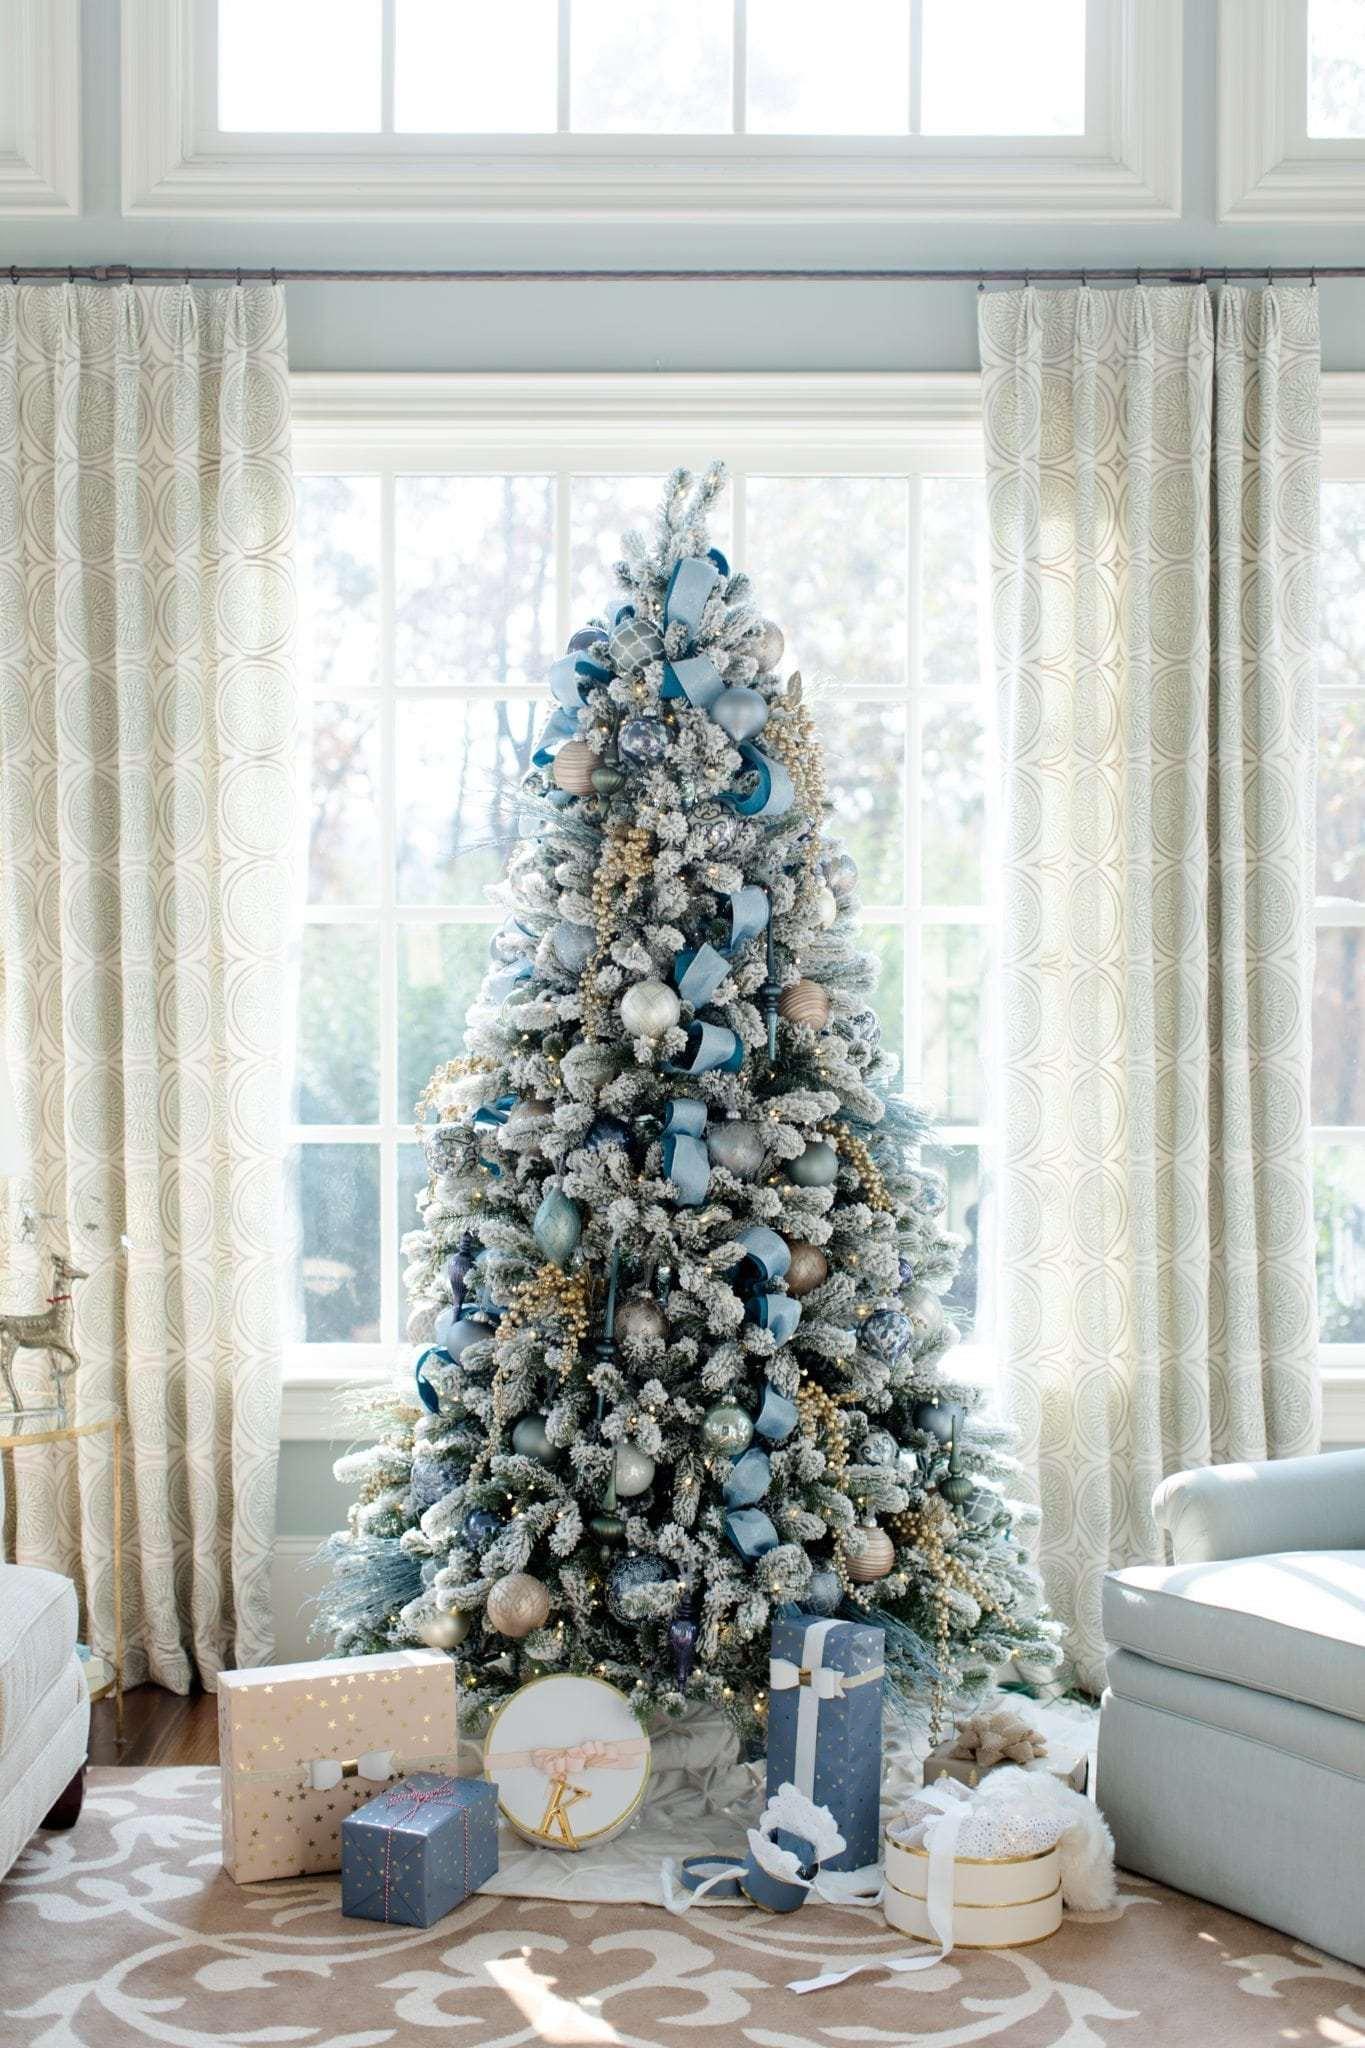 Foto Di Natale 2019.Tendenza Alberi Di Natale 2019 Meglio Tradizione Ed Eleganza